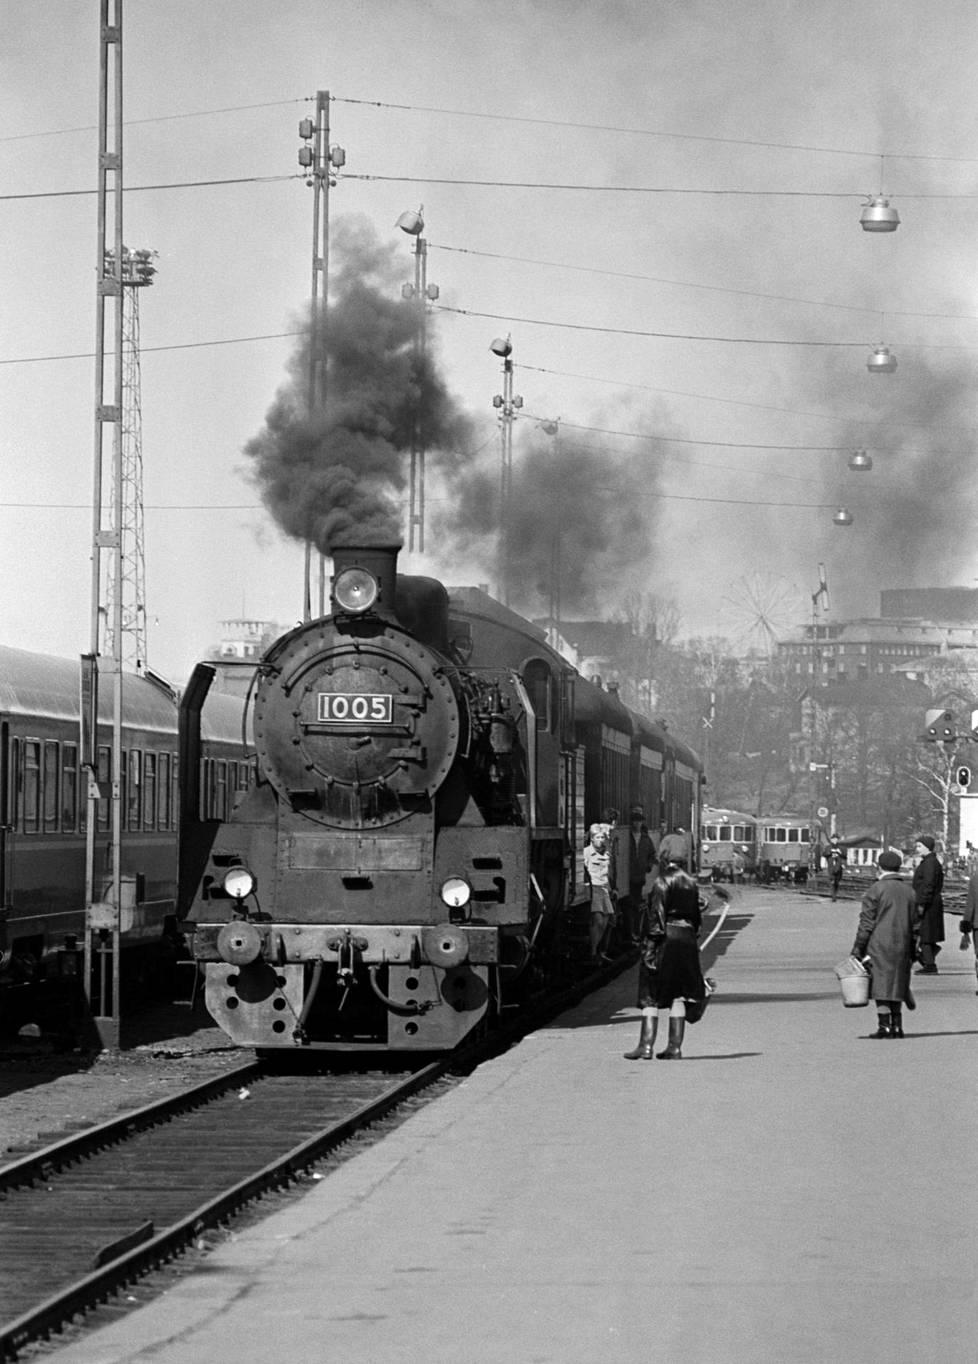 Raskasta pikajunaveturimallia Hr1:tä kutsuttiin tuttavallisemmin Ukko-Pekaksi. Malli oli aikanaan Valtion rautateiden voimakkain henkilöveturi. Kuvassa numeron 1005 Ukko-Pekka saapumassa Helsingin rautatieasemalle huhtikuussa 1968.